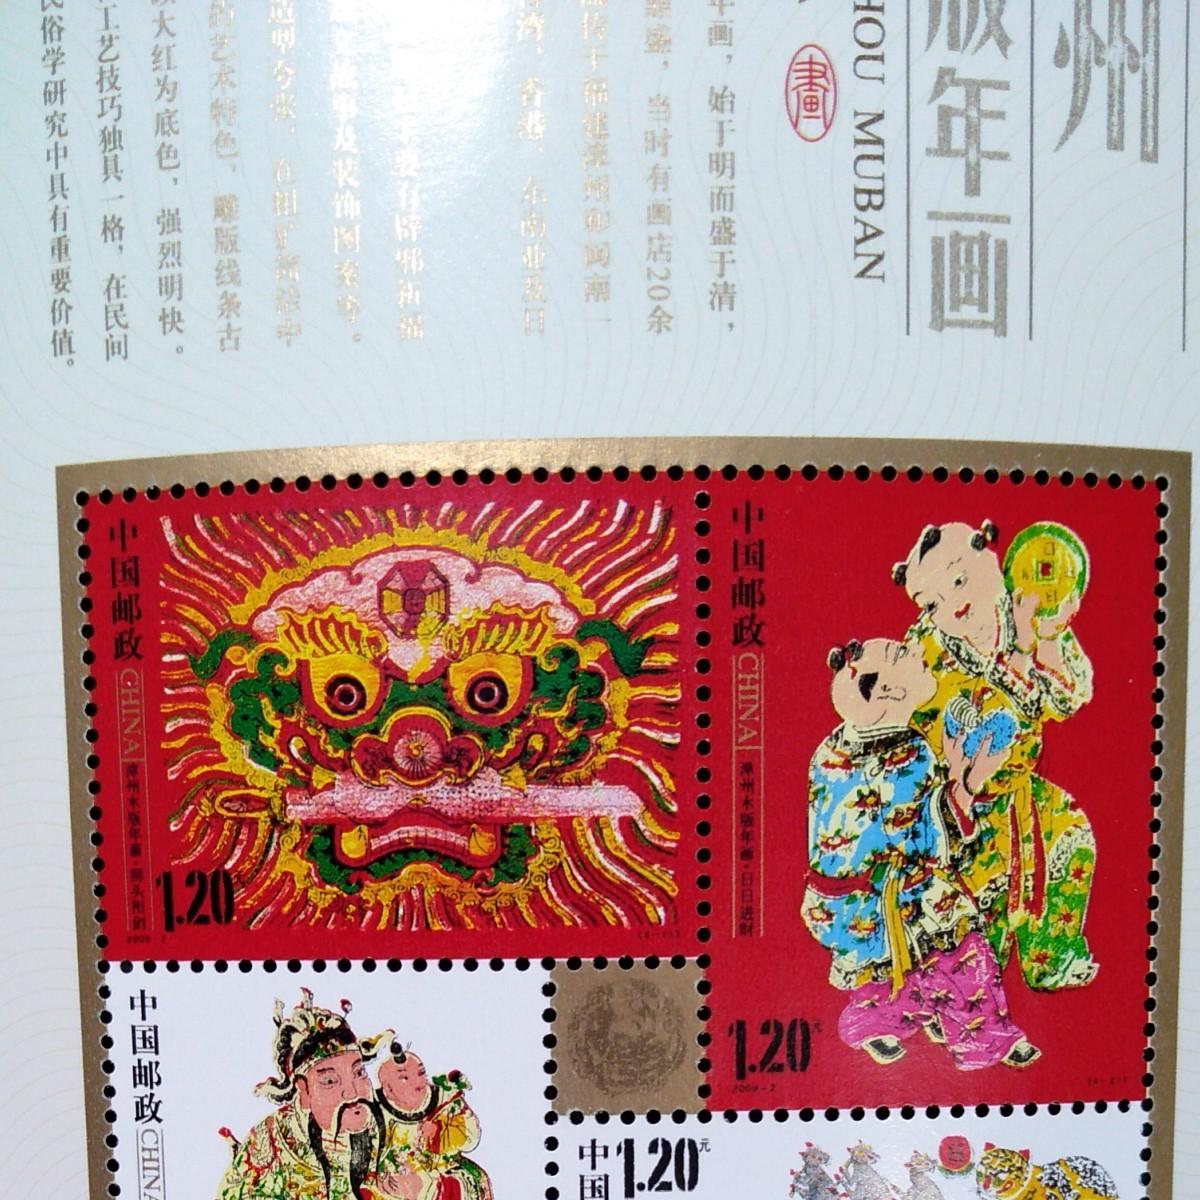 小型シート 木版年画 中国